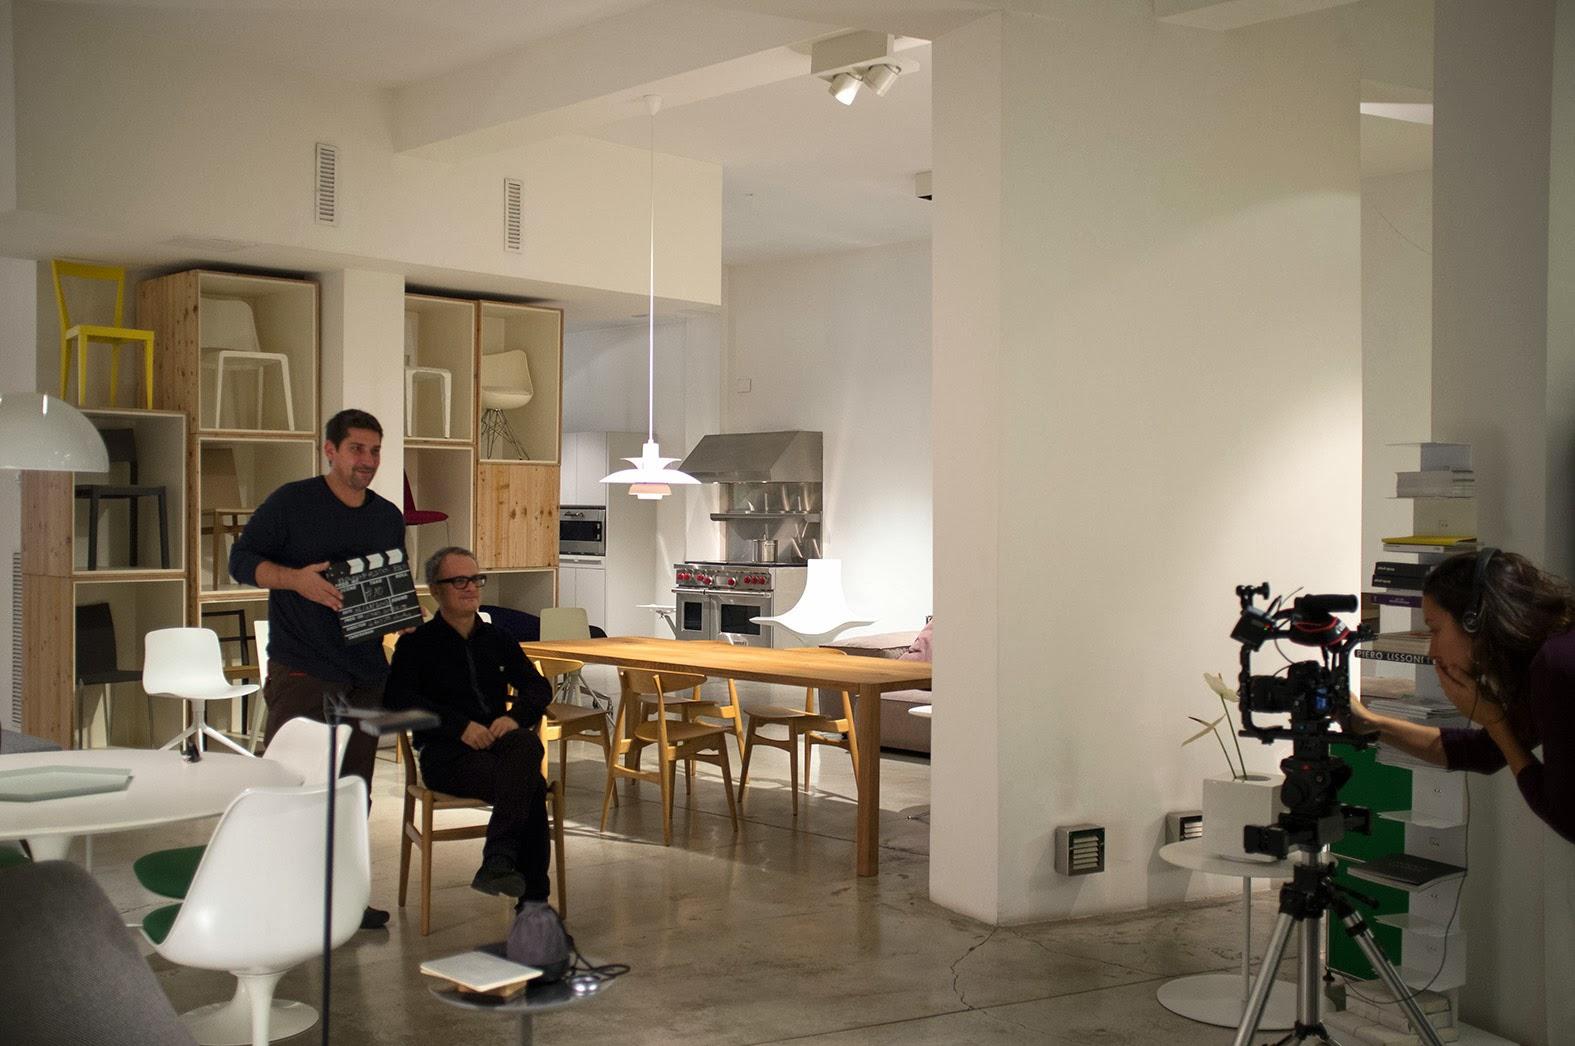 46020studio fotograf as ivo rovira y ana ponce d cima entrevista del documental manifiesto - Estudios de interiorismo en barcelona ...